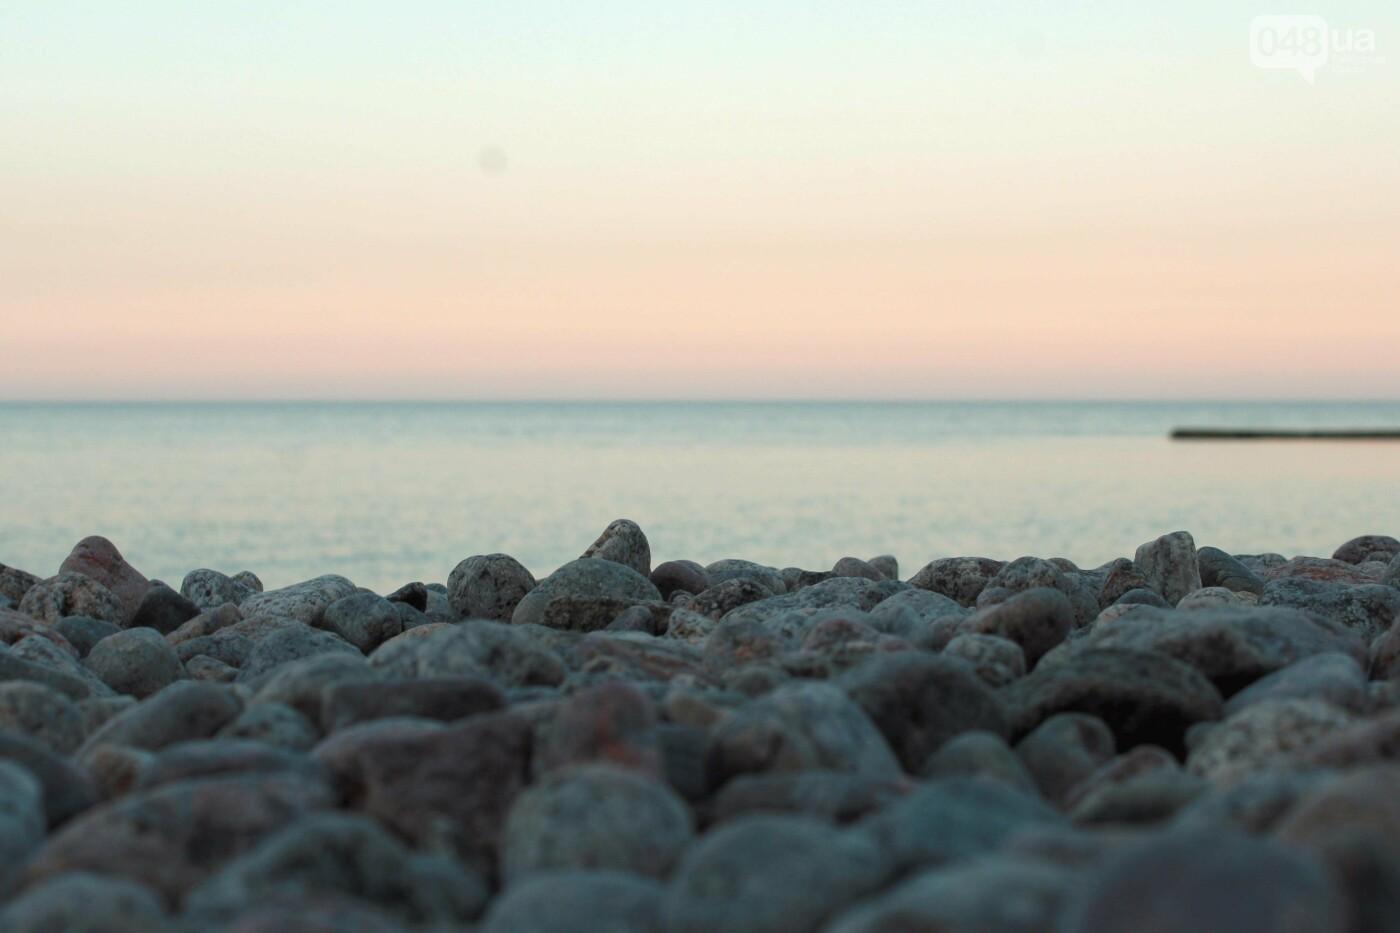 Апрель, Одесса, пляж: закат раскрасил море лазурными красками,- ФОТОПЯТНИЦА, фото-10